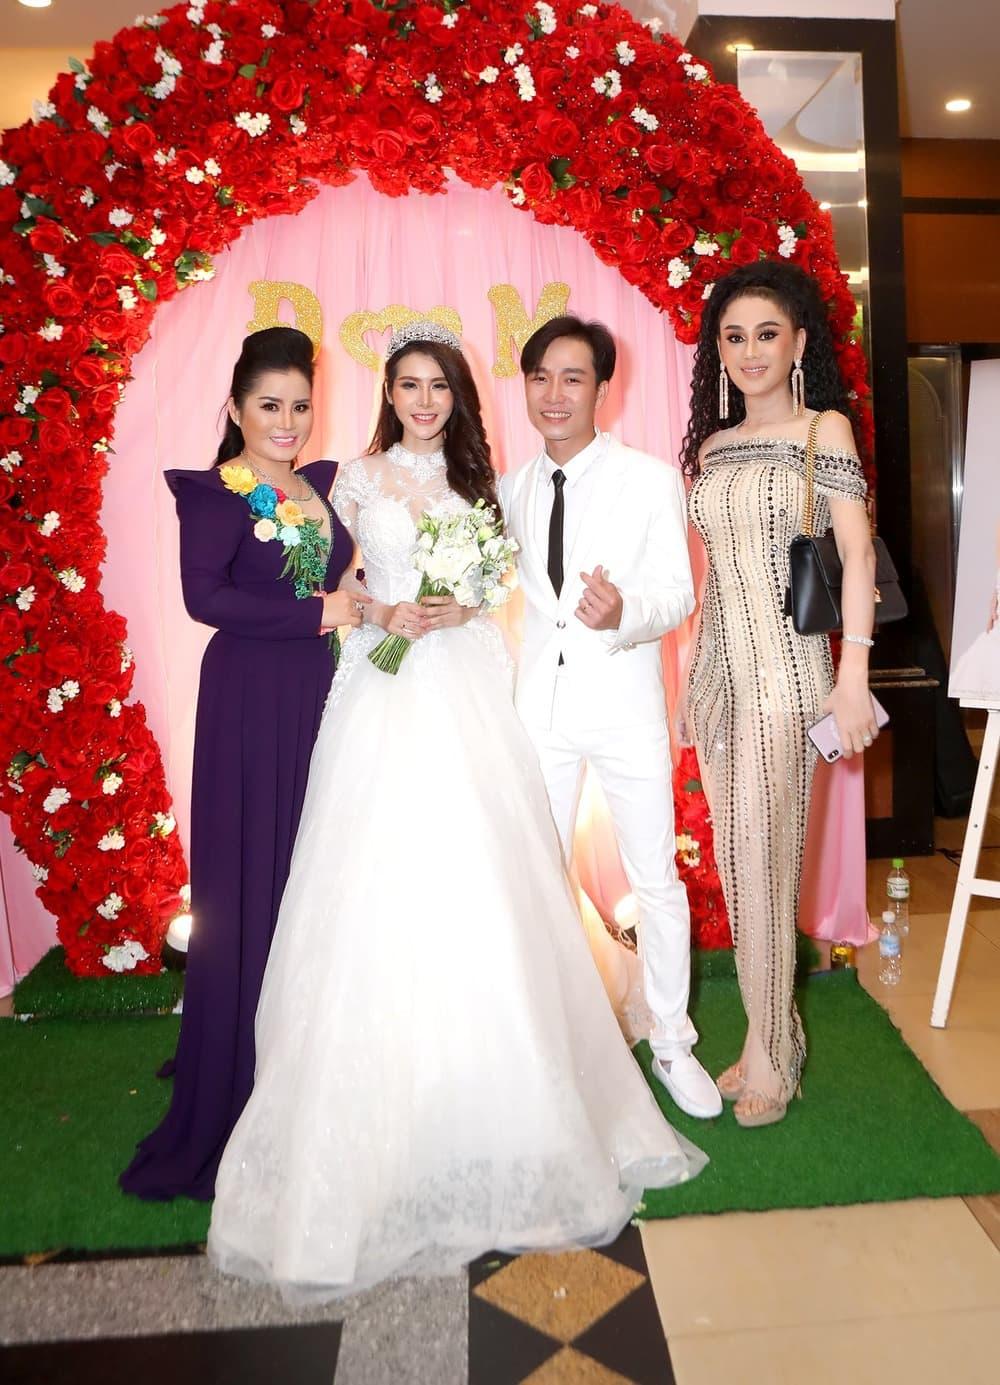 """Lâm Khánh Chi thích được gọi là """"công chúa"""", chuyện """"chặt đẹp"""" cô dâu bằng đủ kiểu váy áo lấp lánh trăm bề - Ảnh 6."""